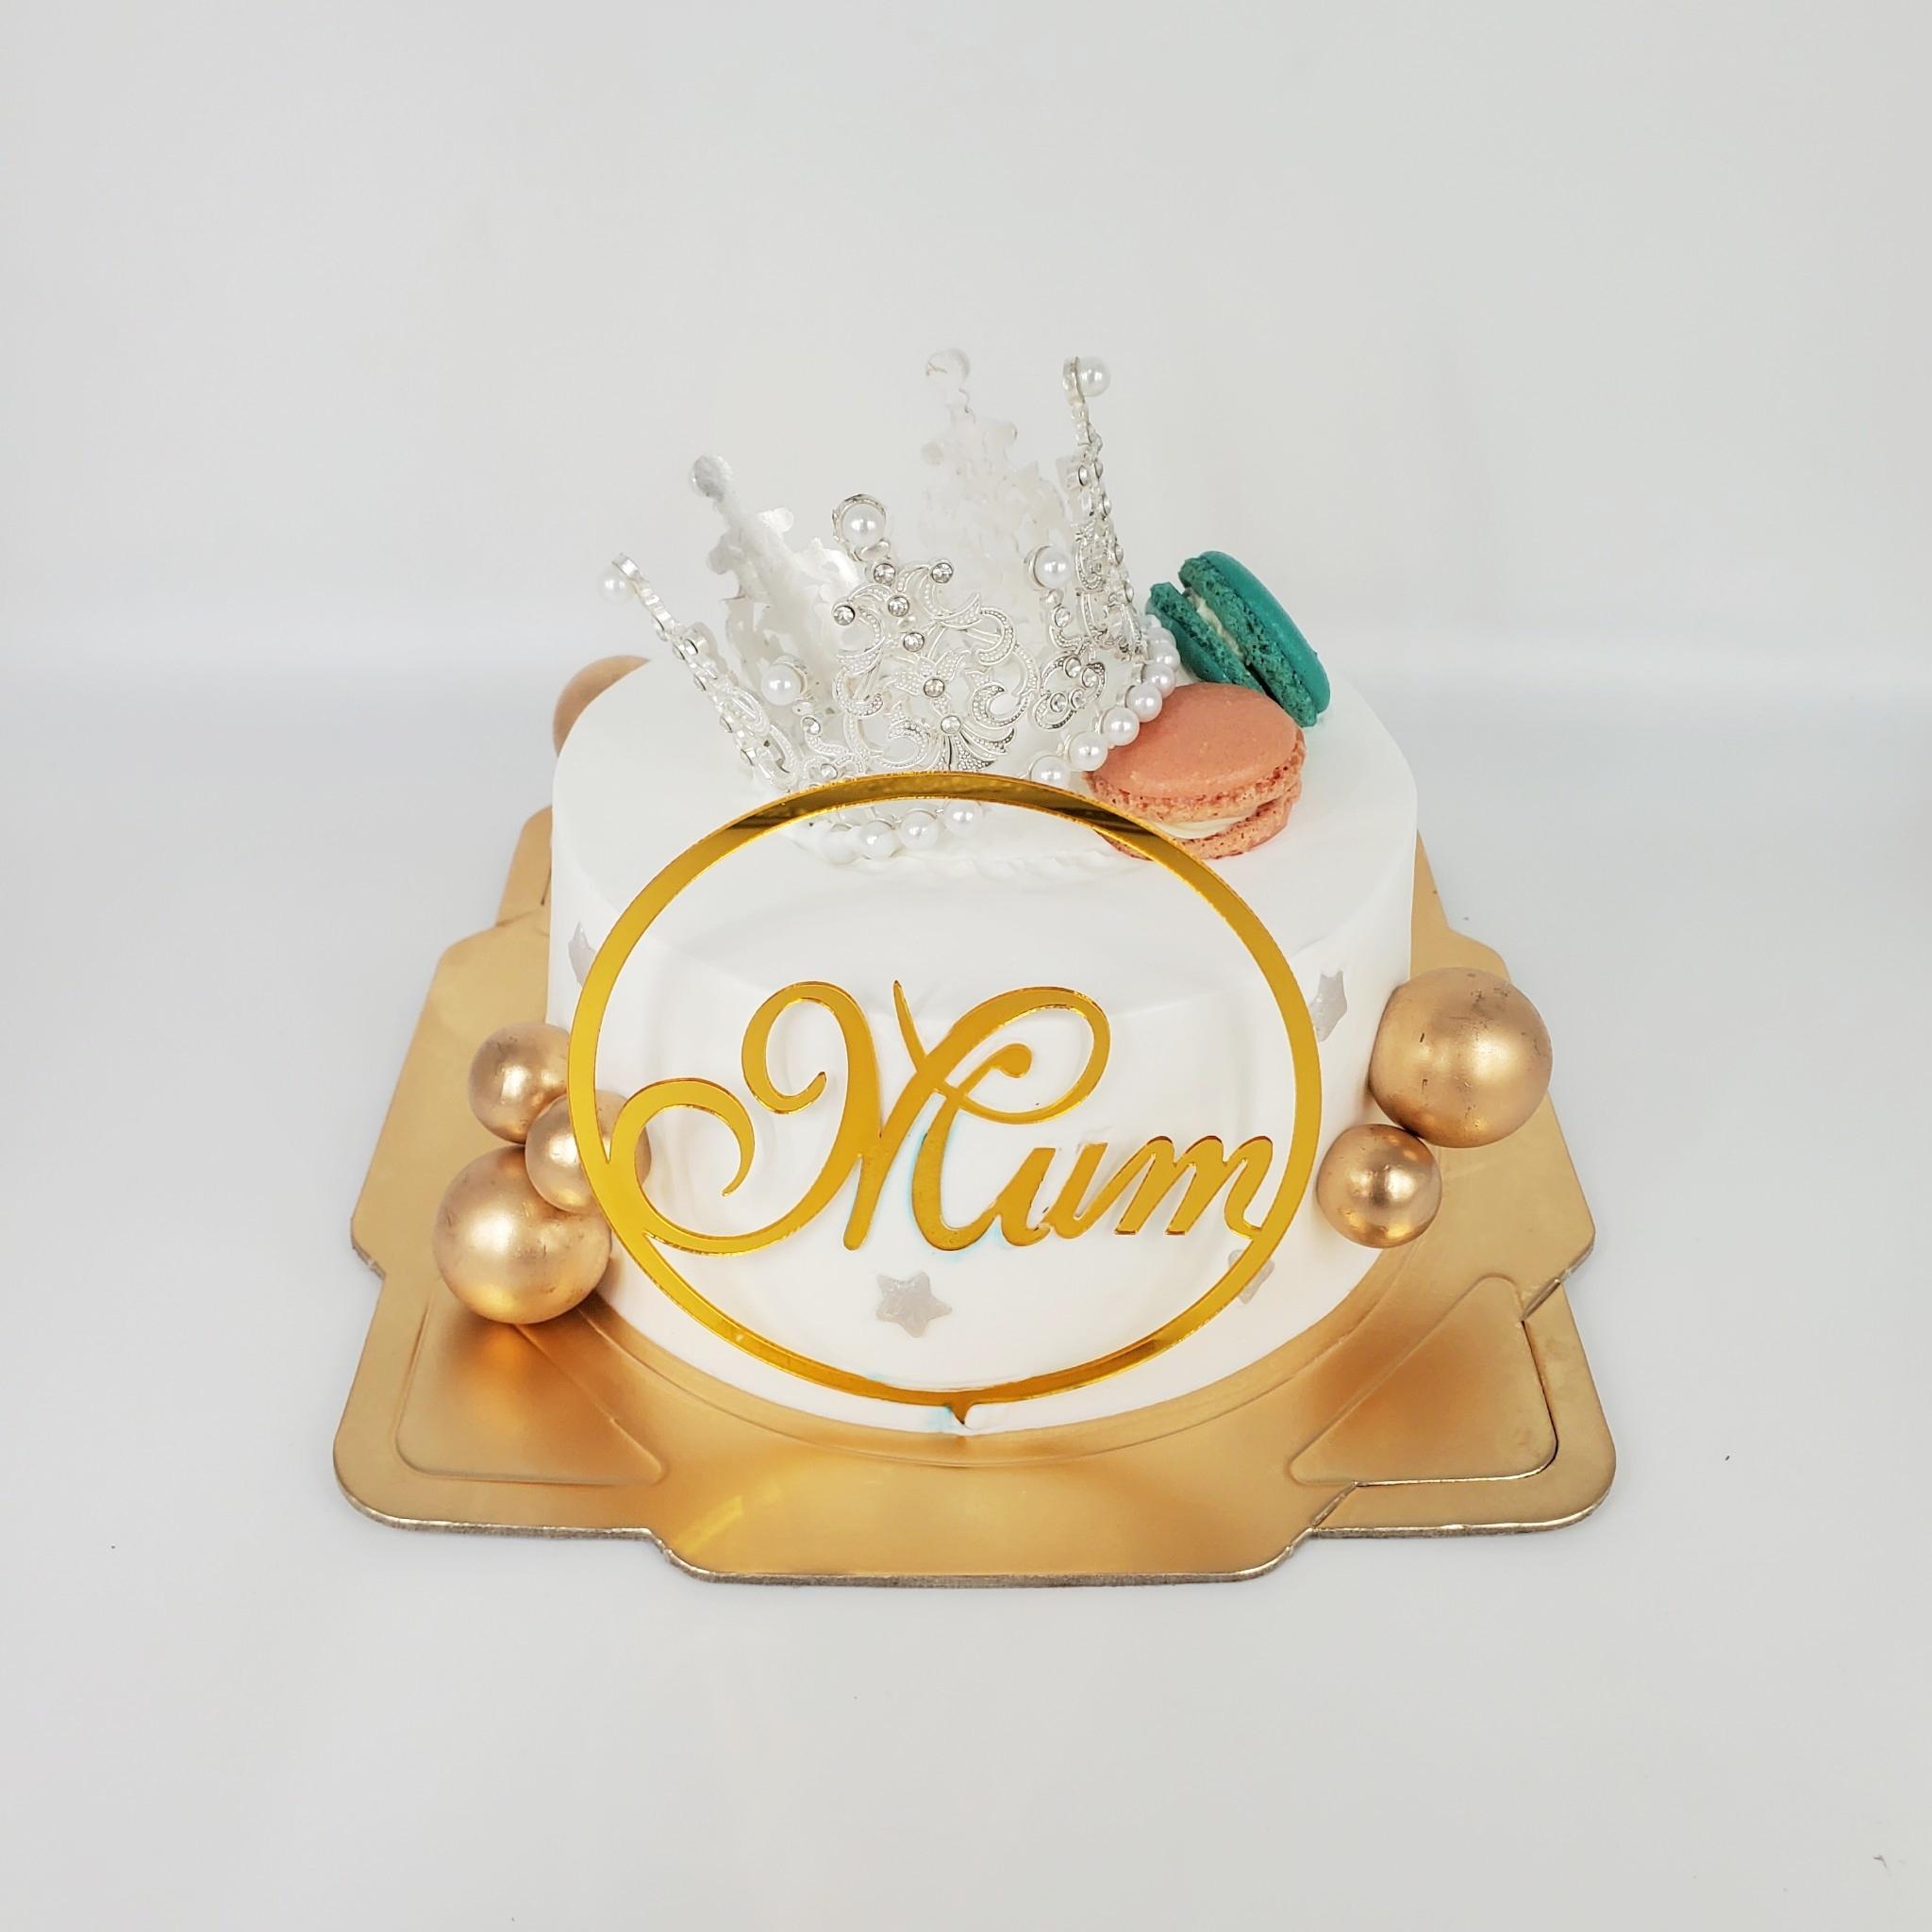 女王皇冠蛋糕